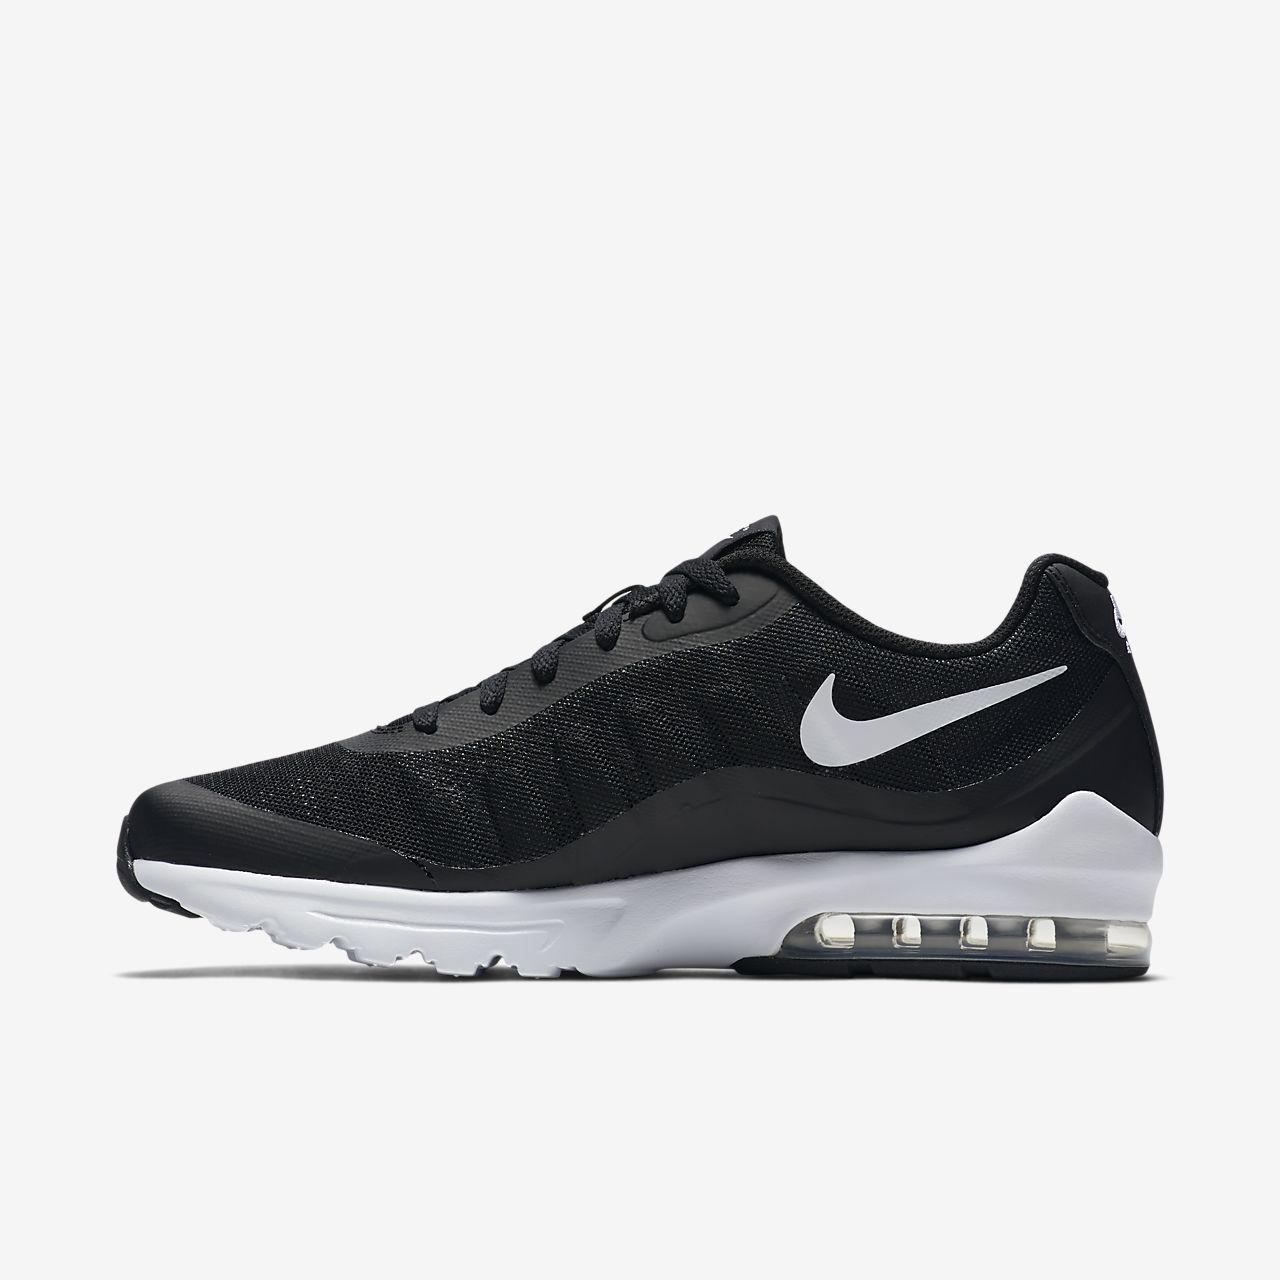 e5f39ae97b Nike Air Max Invigor Men s Shoe. Nike.com ID